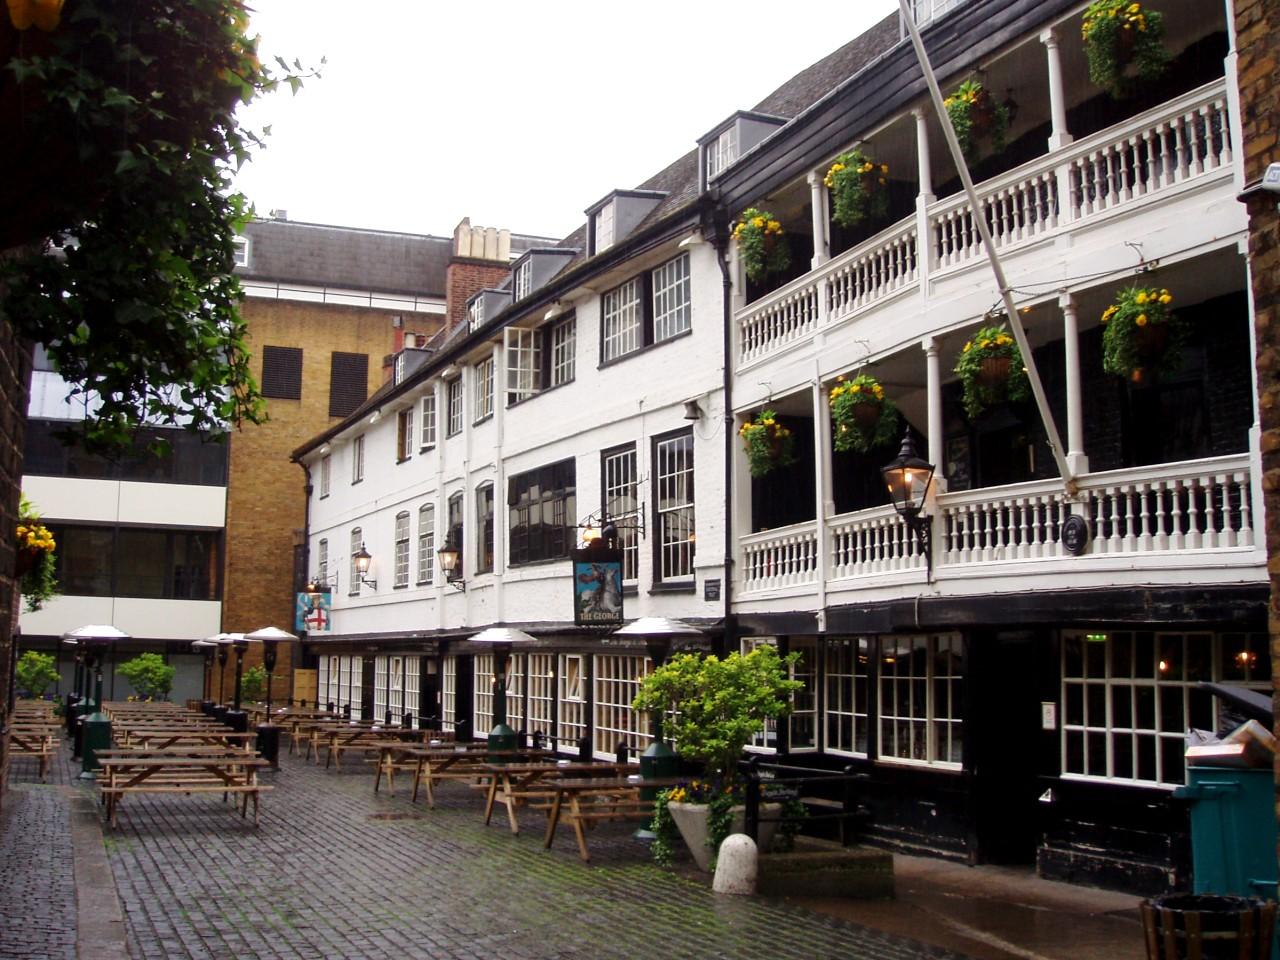 Puente de Londres - Hoteles Southwark - London Bridge Hoteles - Southwark (su próximo corto, Puente Southwark Hoteles)